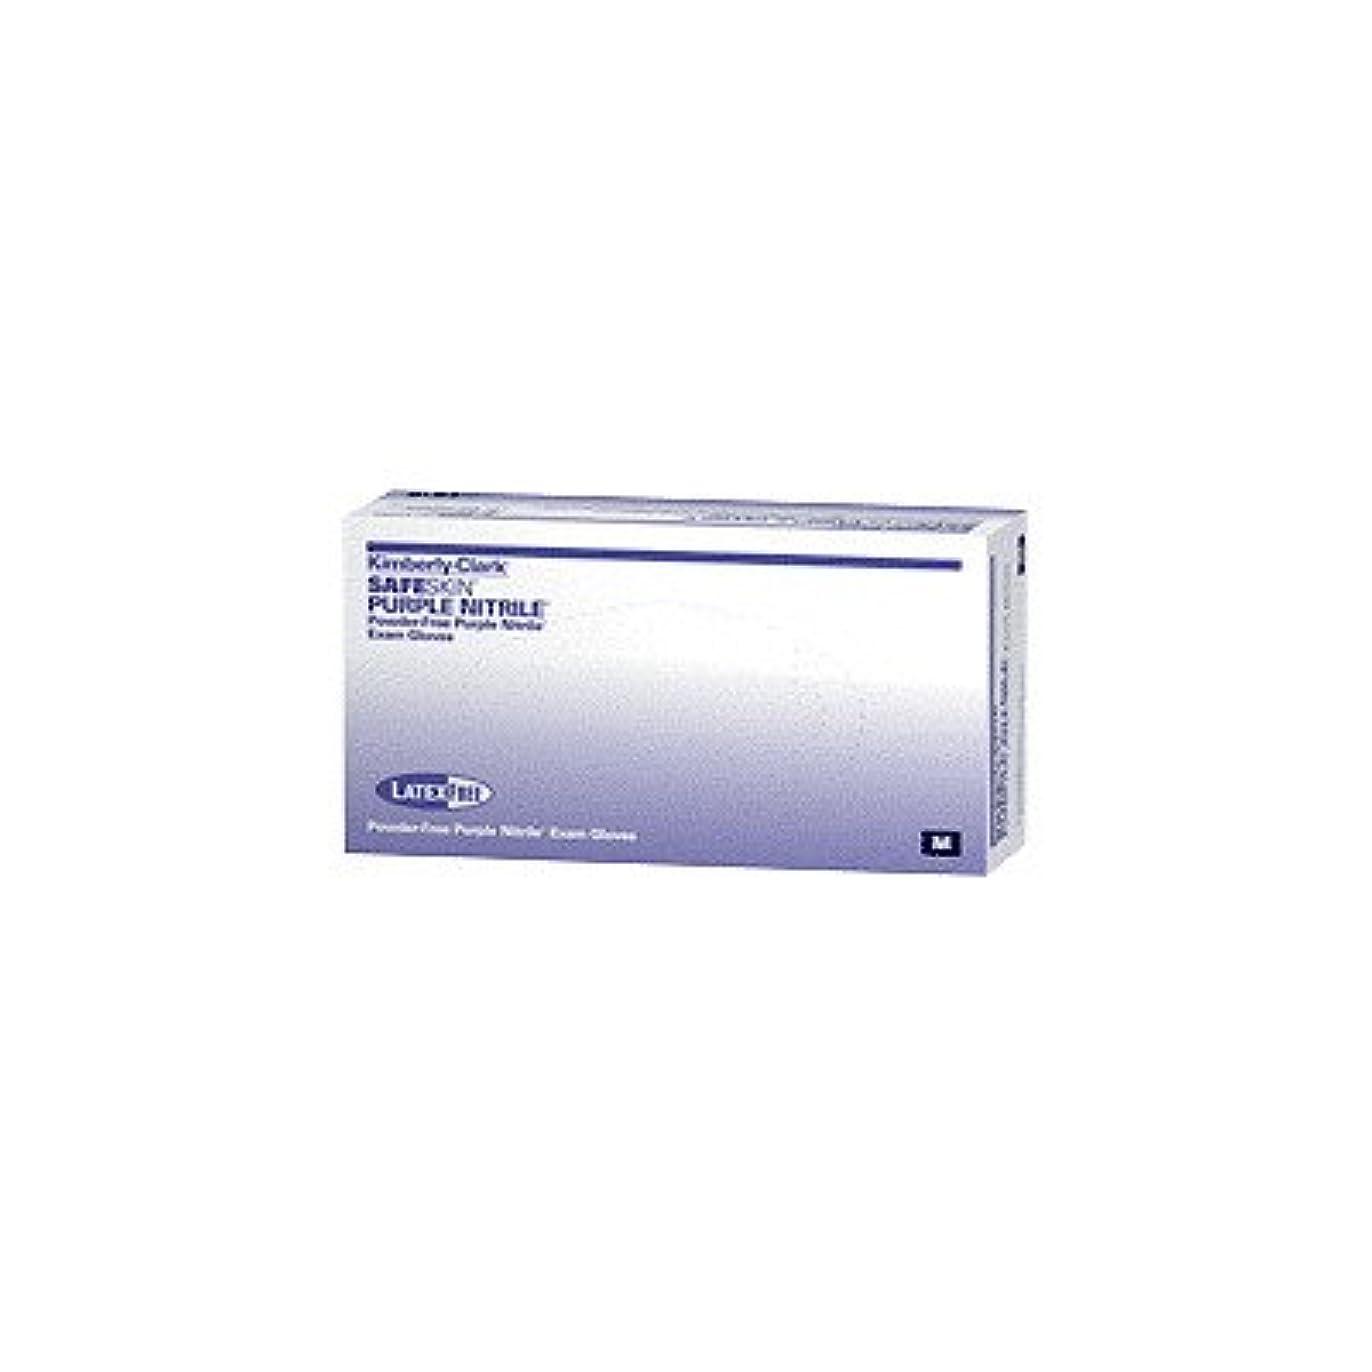 助けてビスケットサラダKimberly-Clark Professional Safeskin Nitrile-XTRA Nitrile Exam Gloves Small Purple, 12 L, 80mm W, Powder-free,...